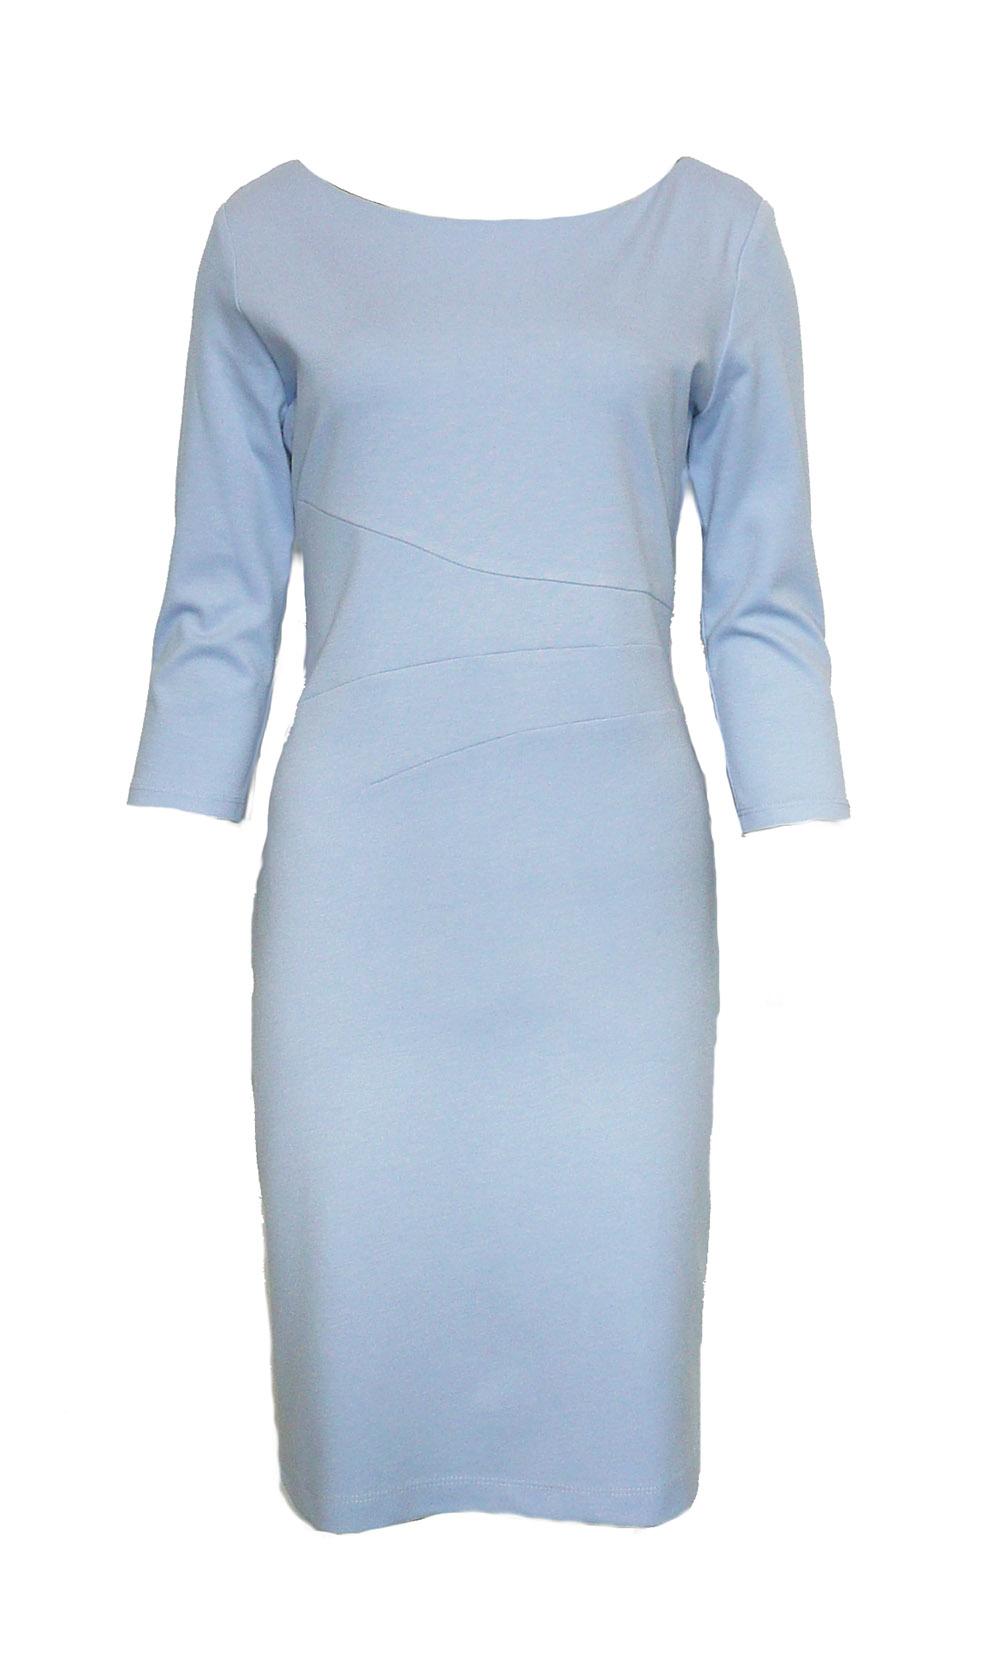 dress lydia blu.jpg